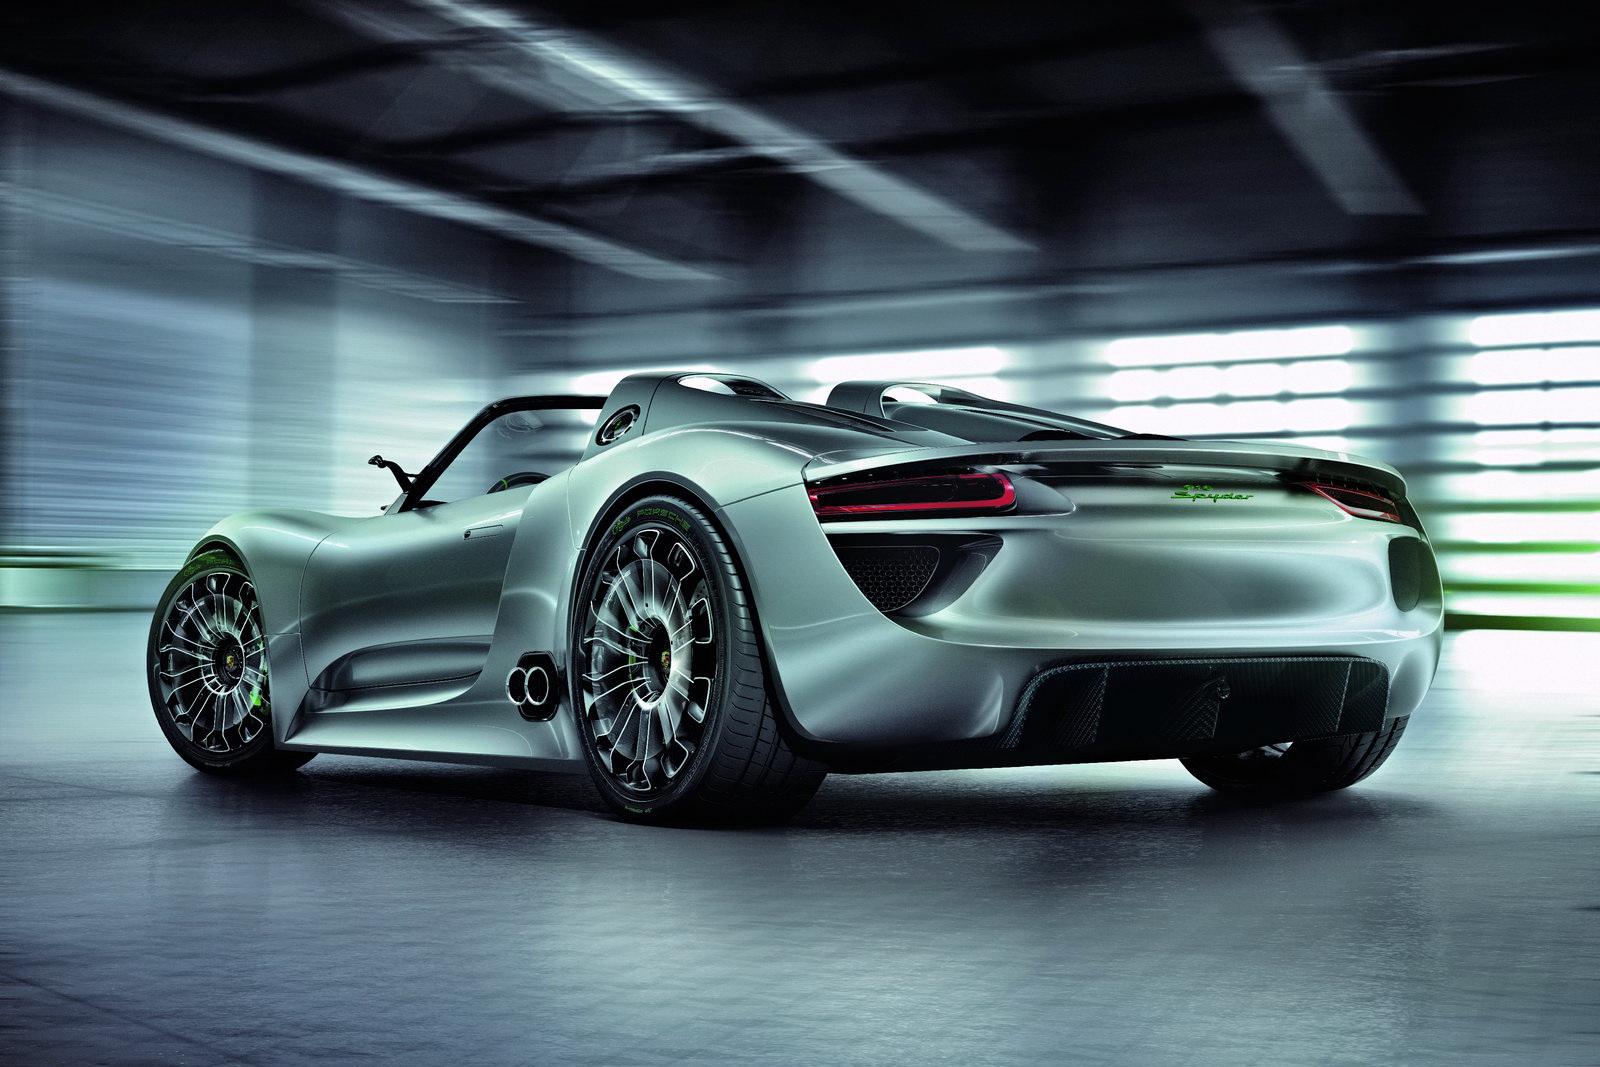 Coche coches deportivos el ctricos 918 spyder - Coches por 100 euros al mes sin entrada ...